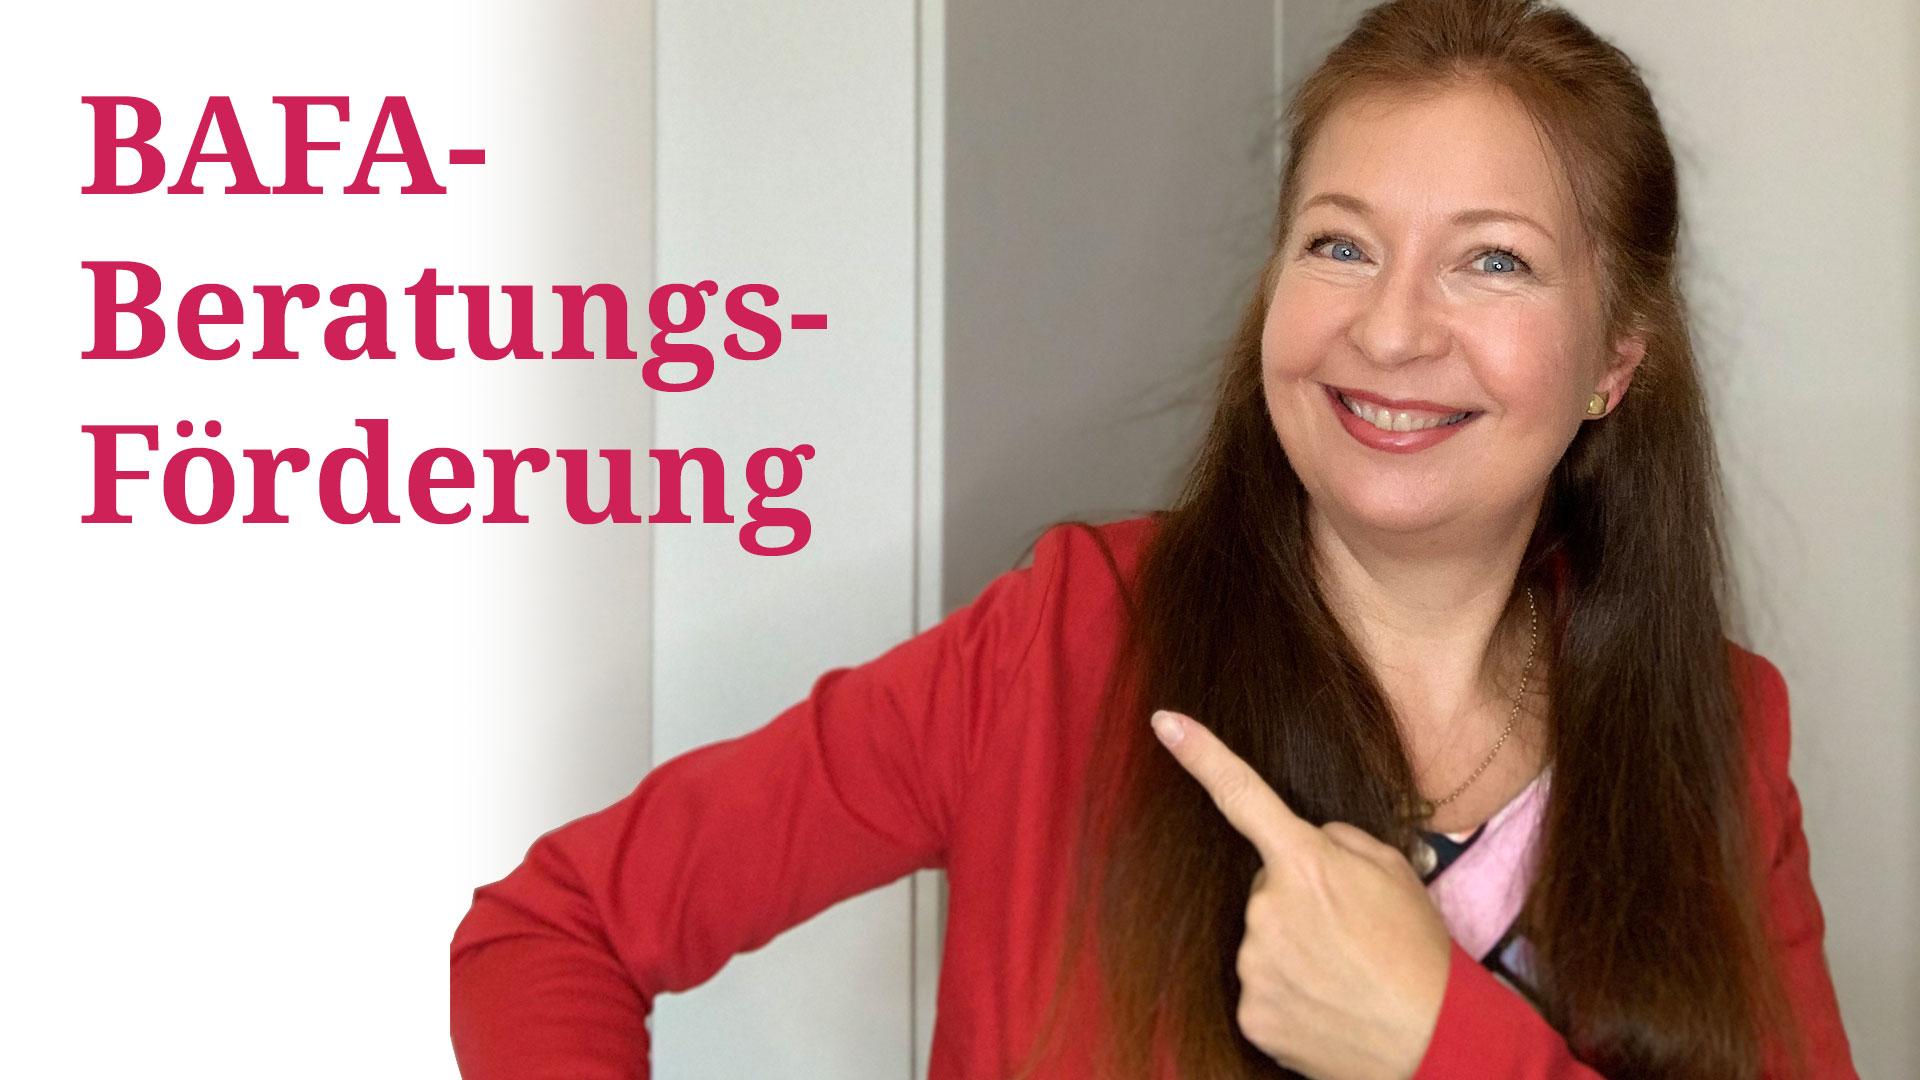 BAFA-Beratung mit Elke Schmalfeld